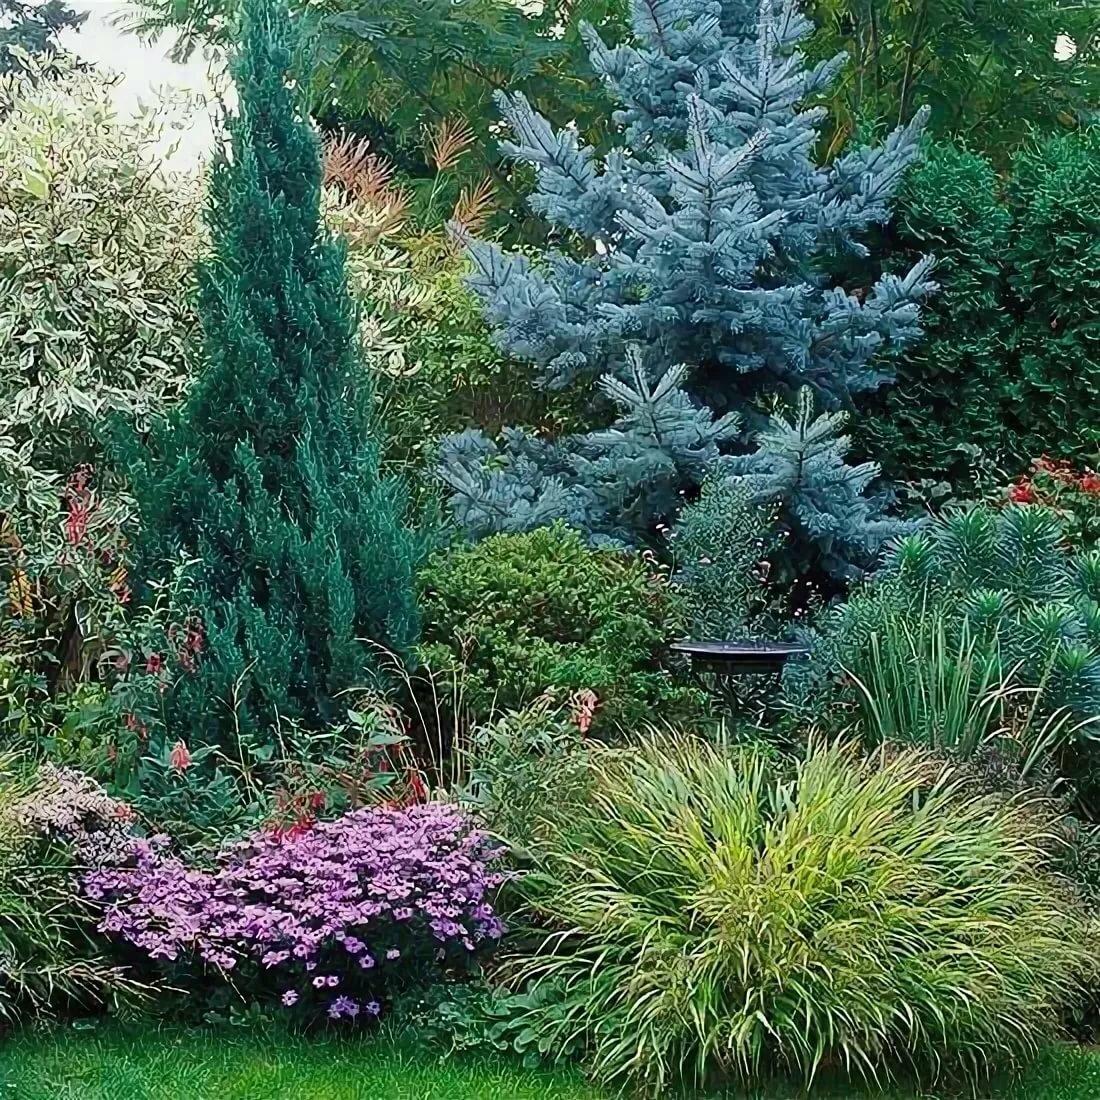 Хвойники в саду: виды, уход, применение в ландшафтном дизайне, фото